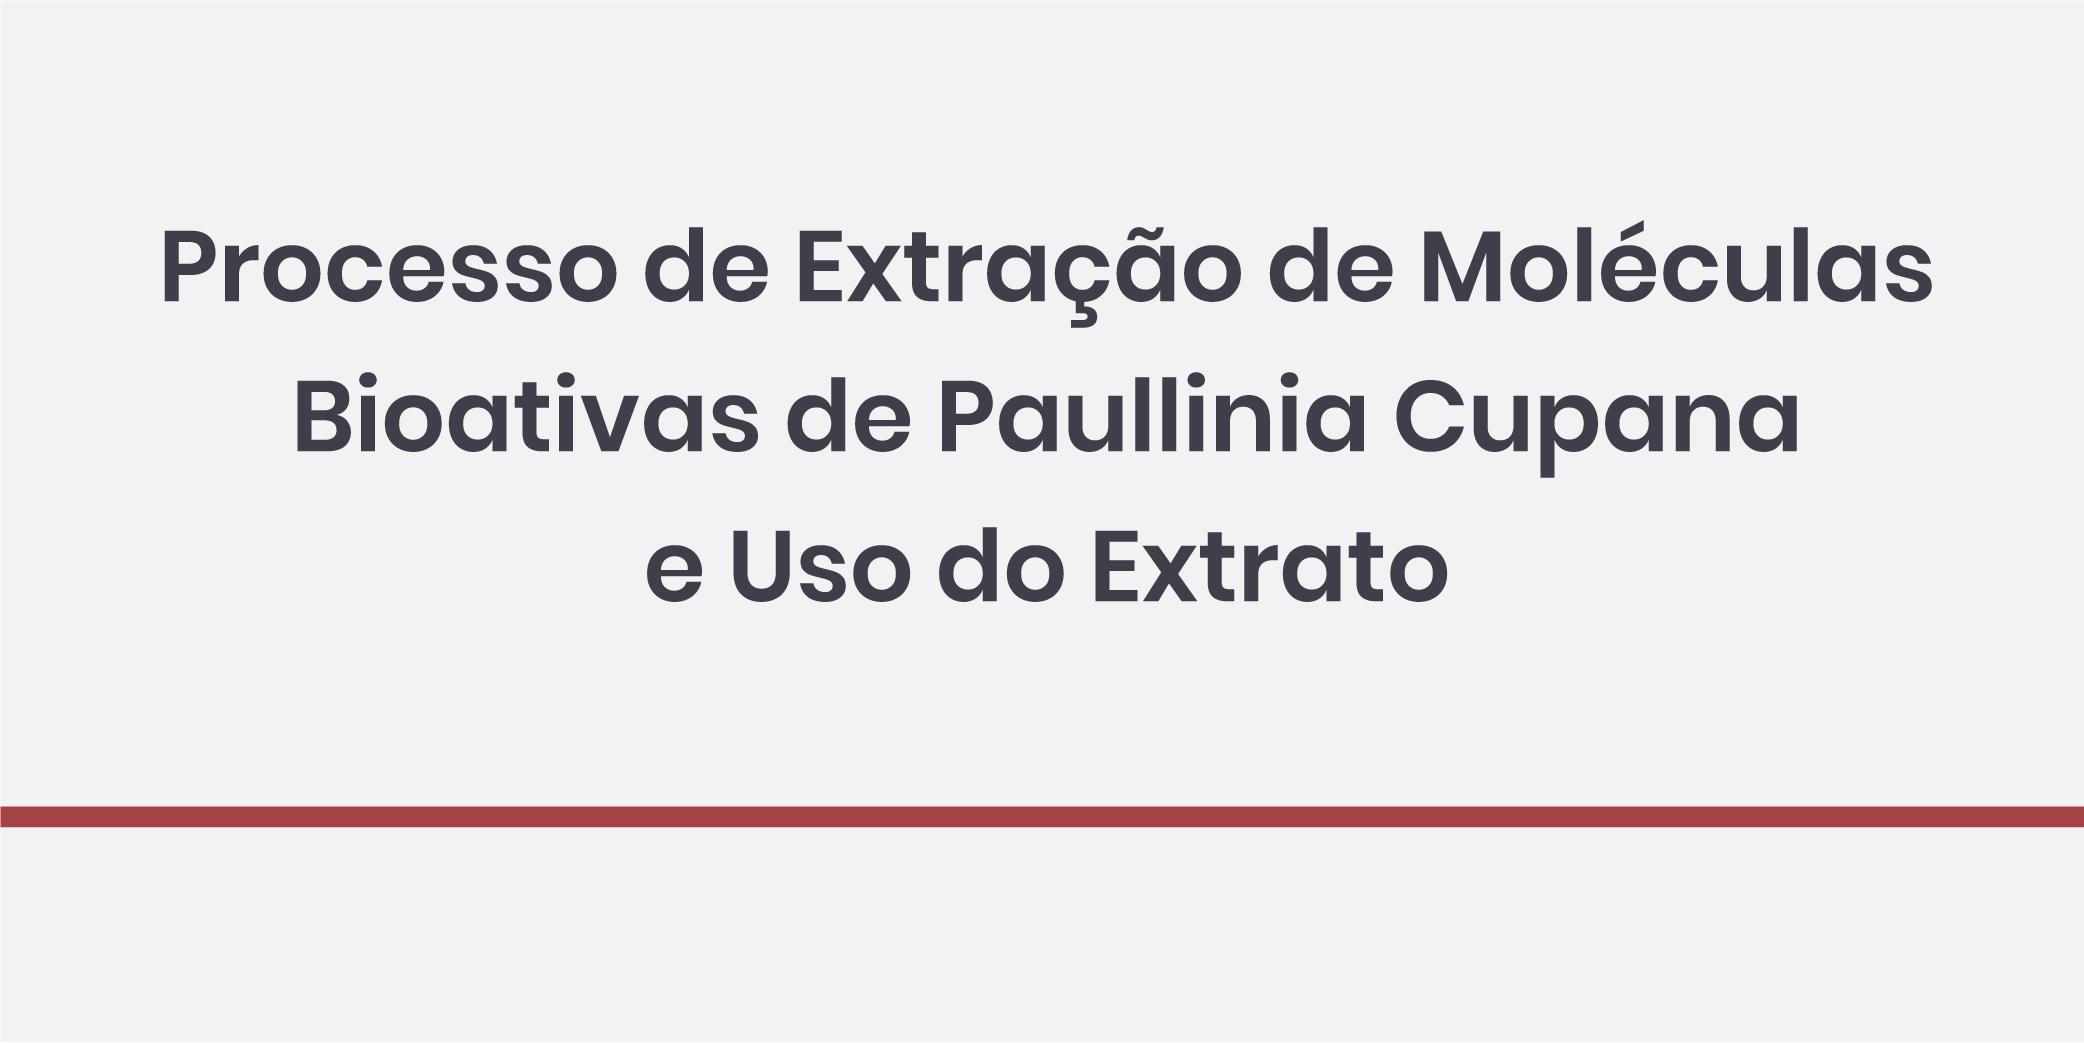 Processo de Extração de Moléculas Bioativas de Paullinia Cupana e Uso do Extrato